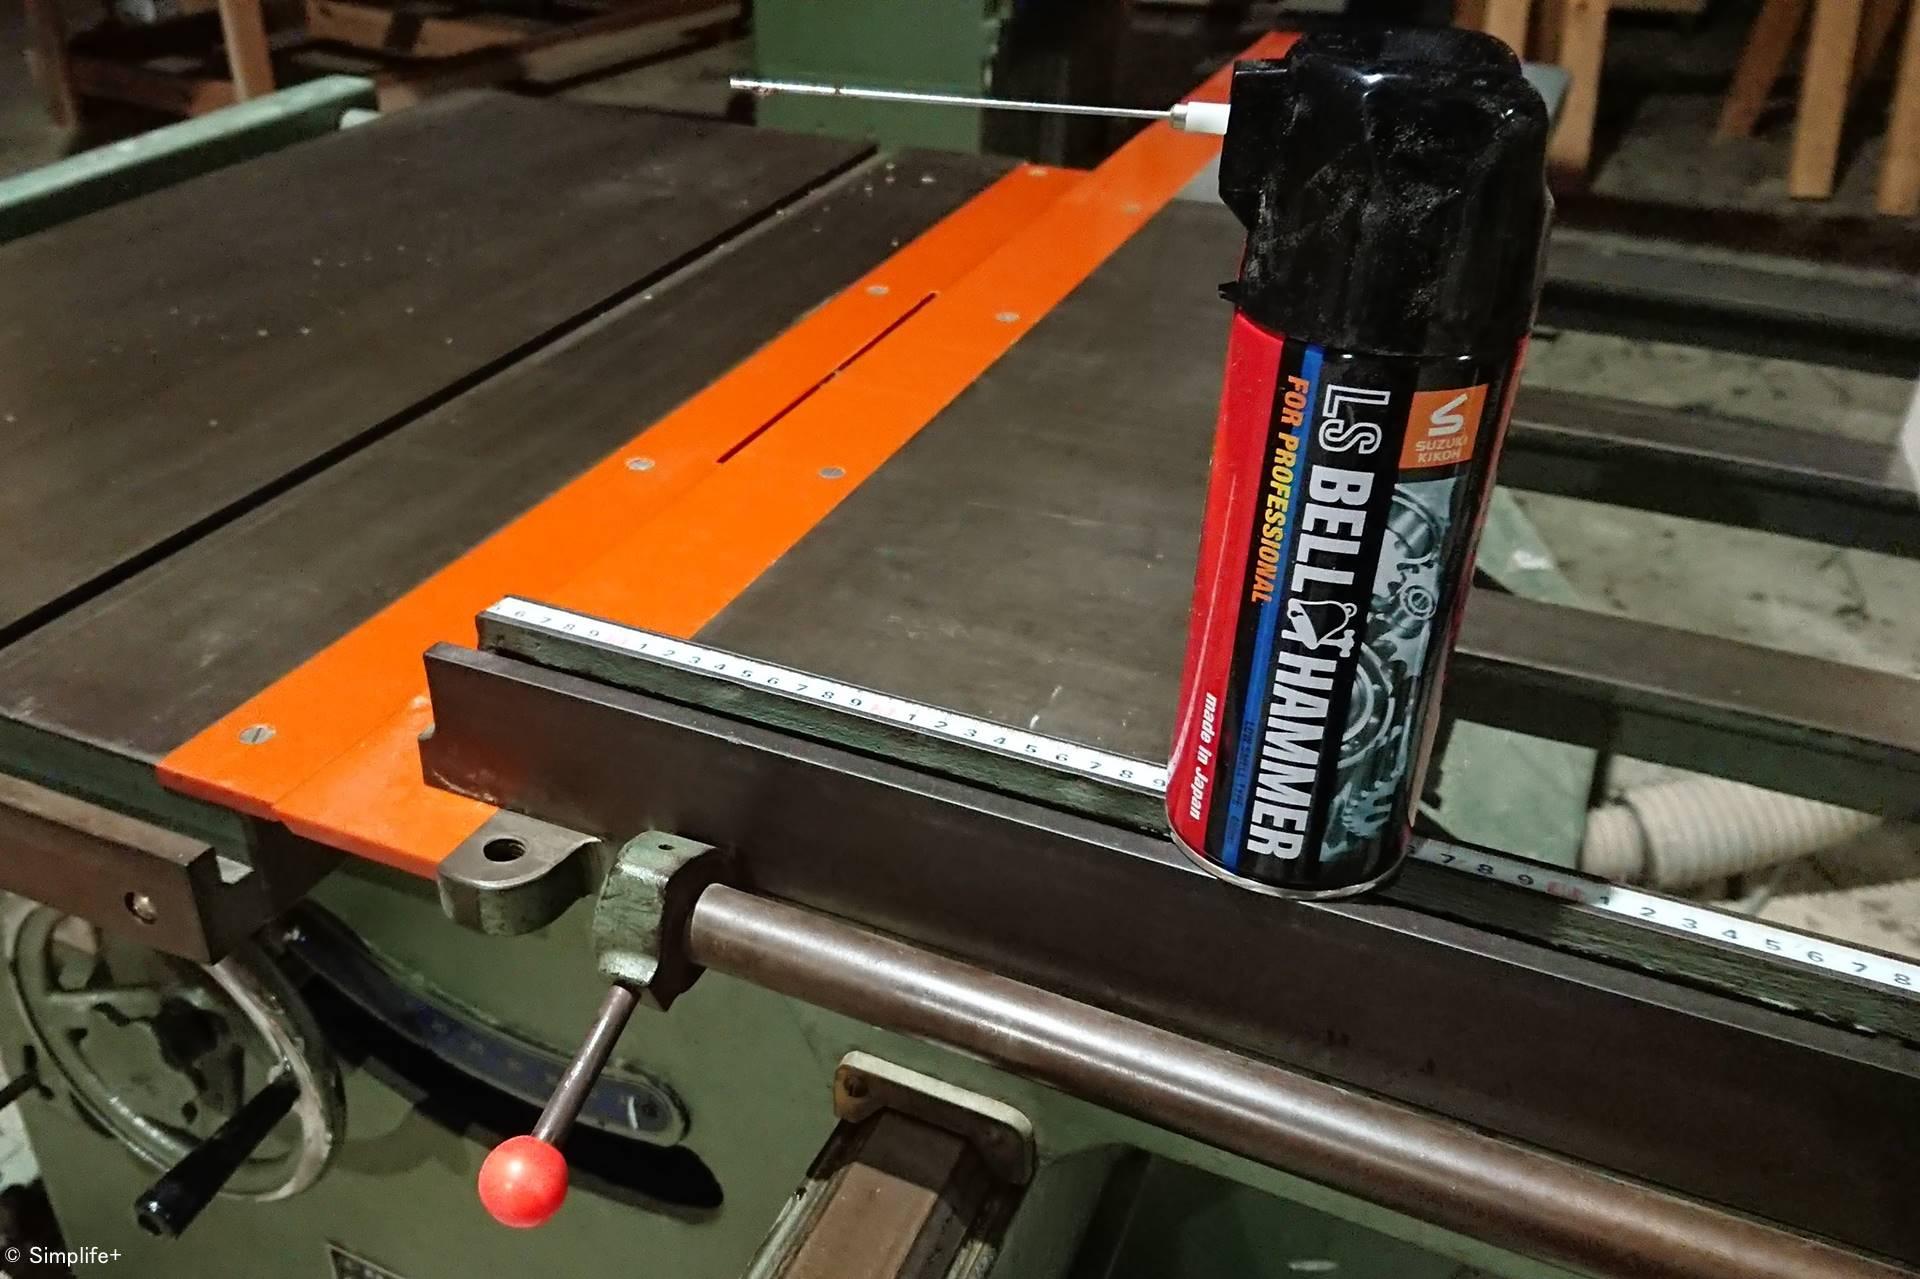 ベルハンマー 潤滑剤 木工機械 メンテナンス